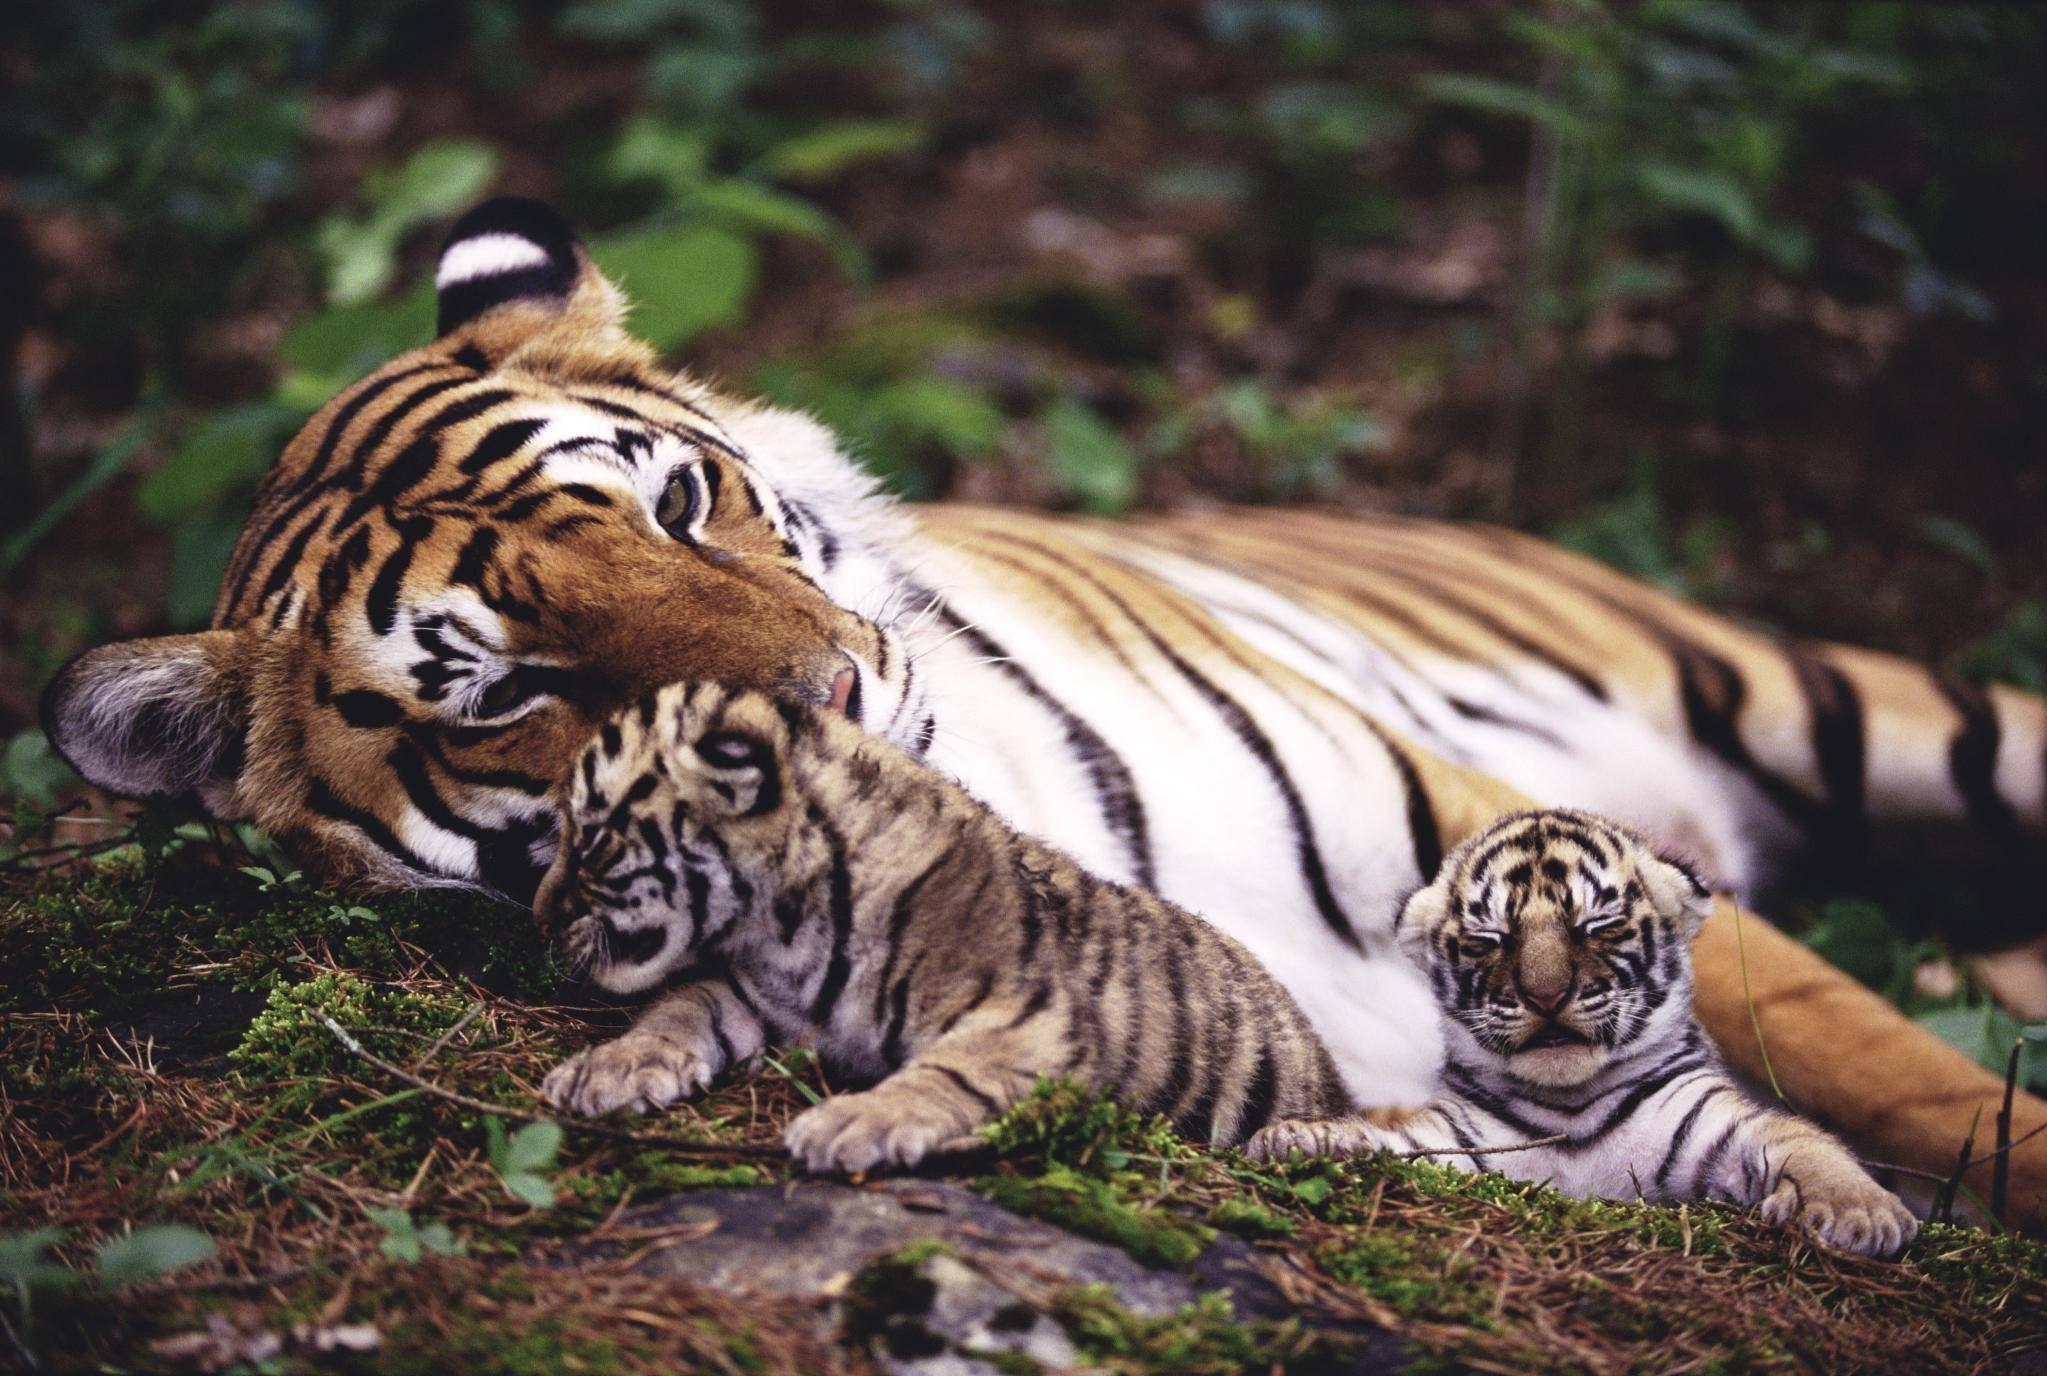 Pin Von Alexander Blieske Auf Katzenwelt Tiger Fotografie Wilde